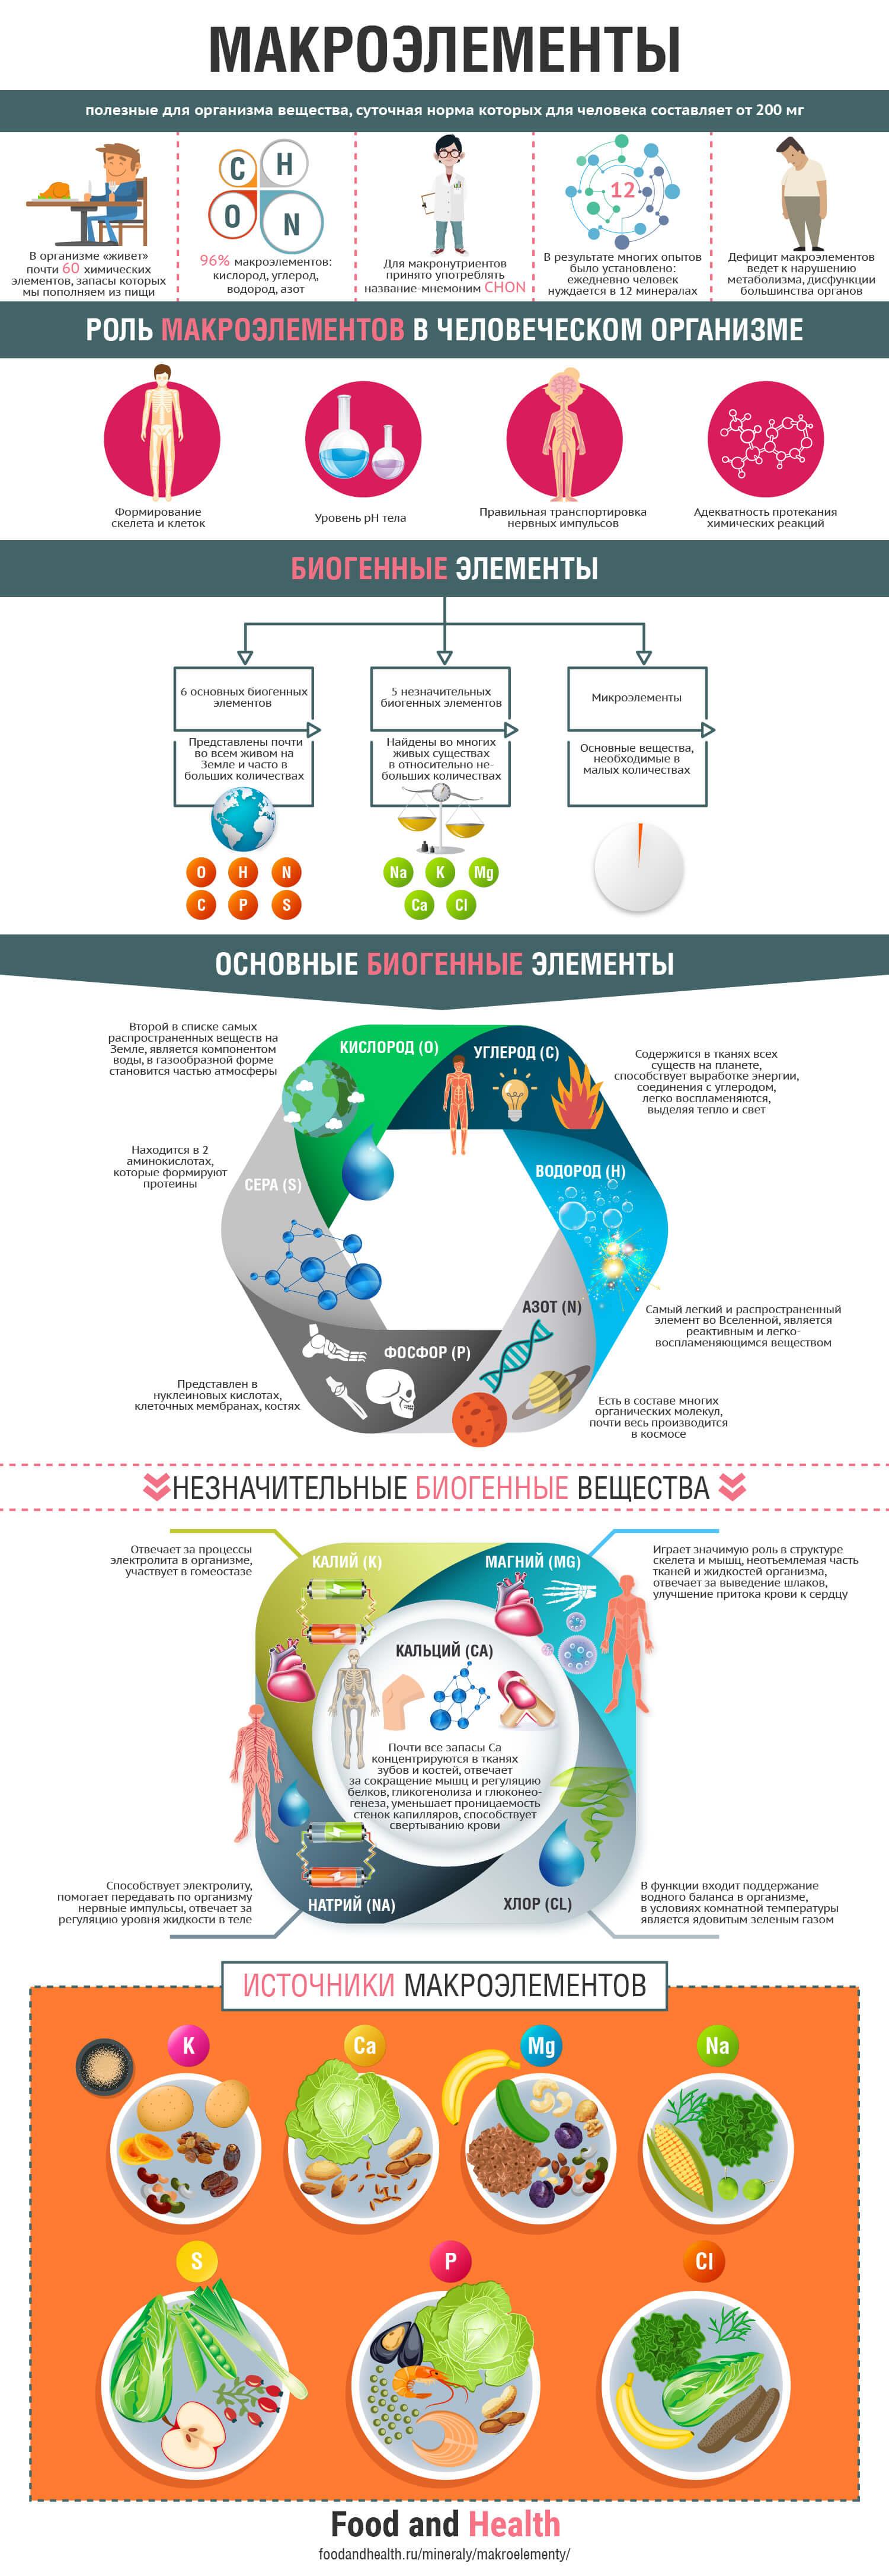 Макроэлементы: инфографика